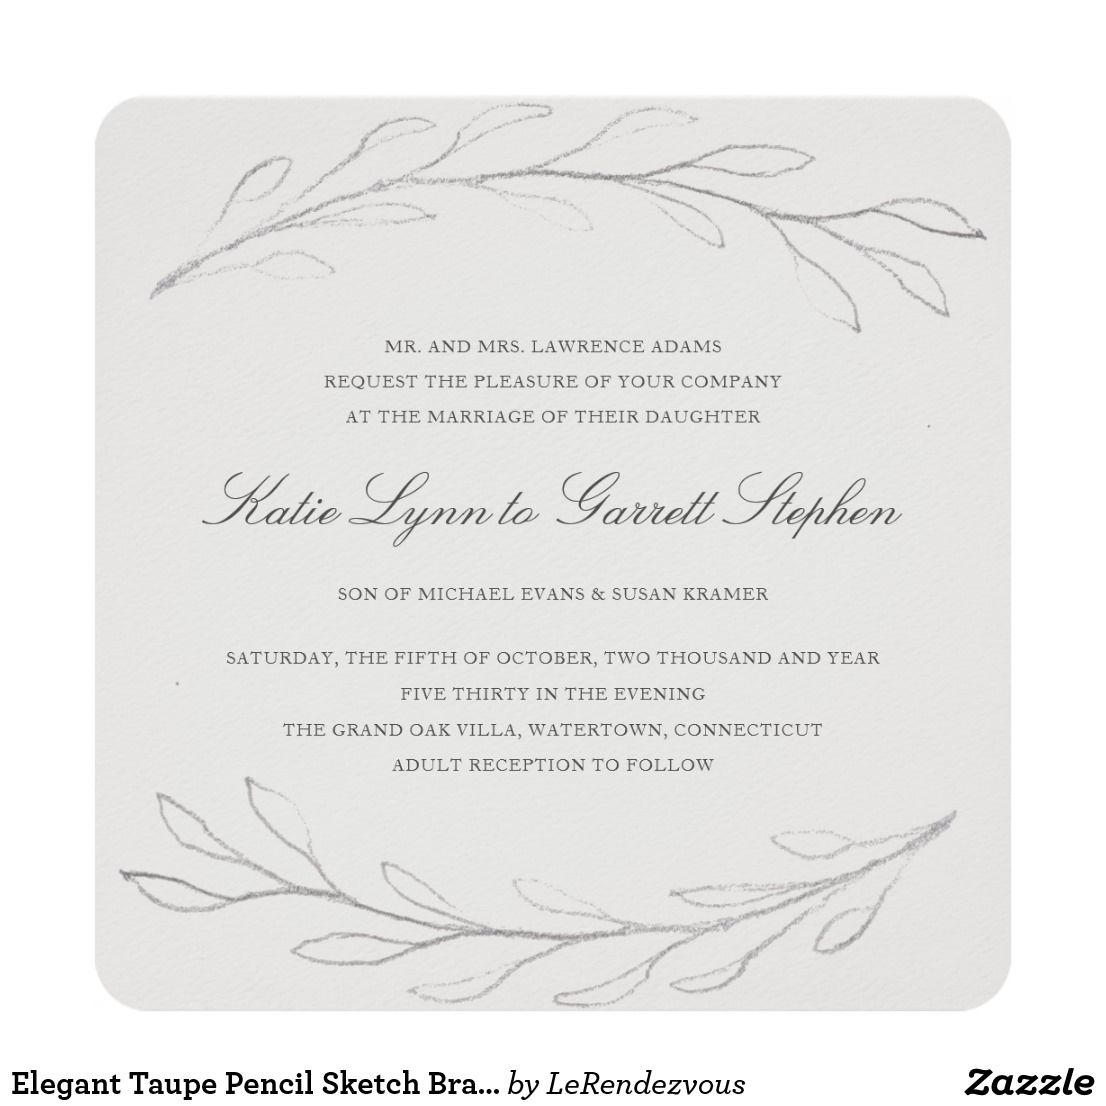 Elegant Gray Pencil Sketch Branch Formal Wedding Invitation Zazzle Com Nel 2020 Matrimonio Inviti